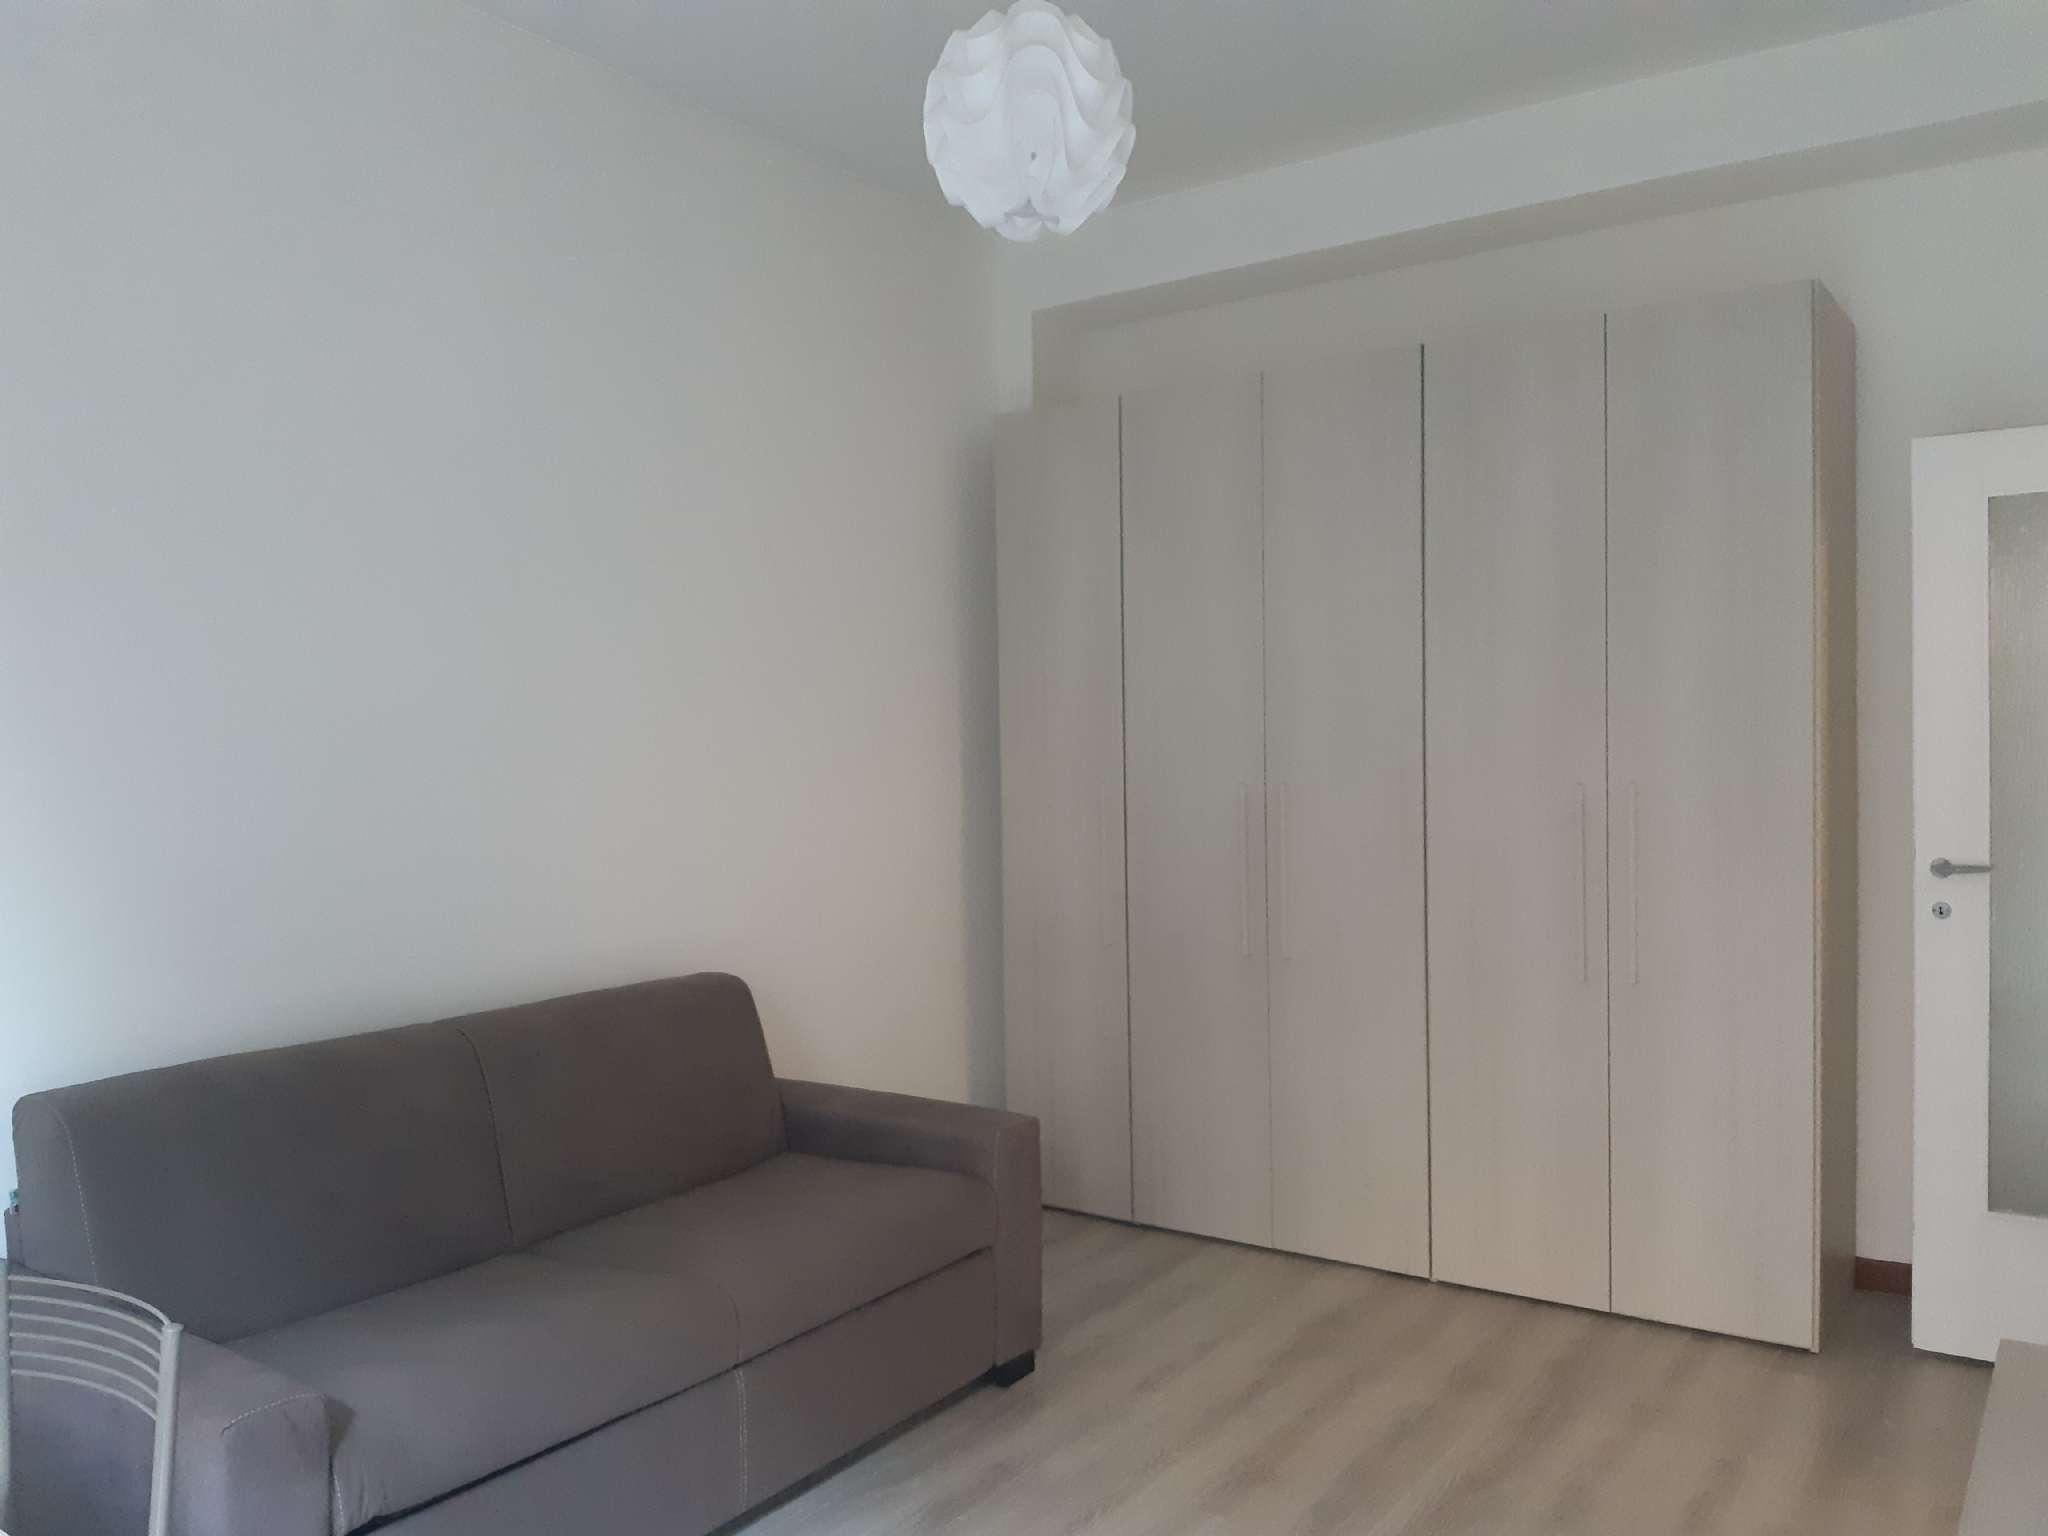 Appartamento in affitto a Sesto San Giovanni, 1 locali, prezzo € 600   CambioCasa.it